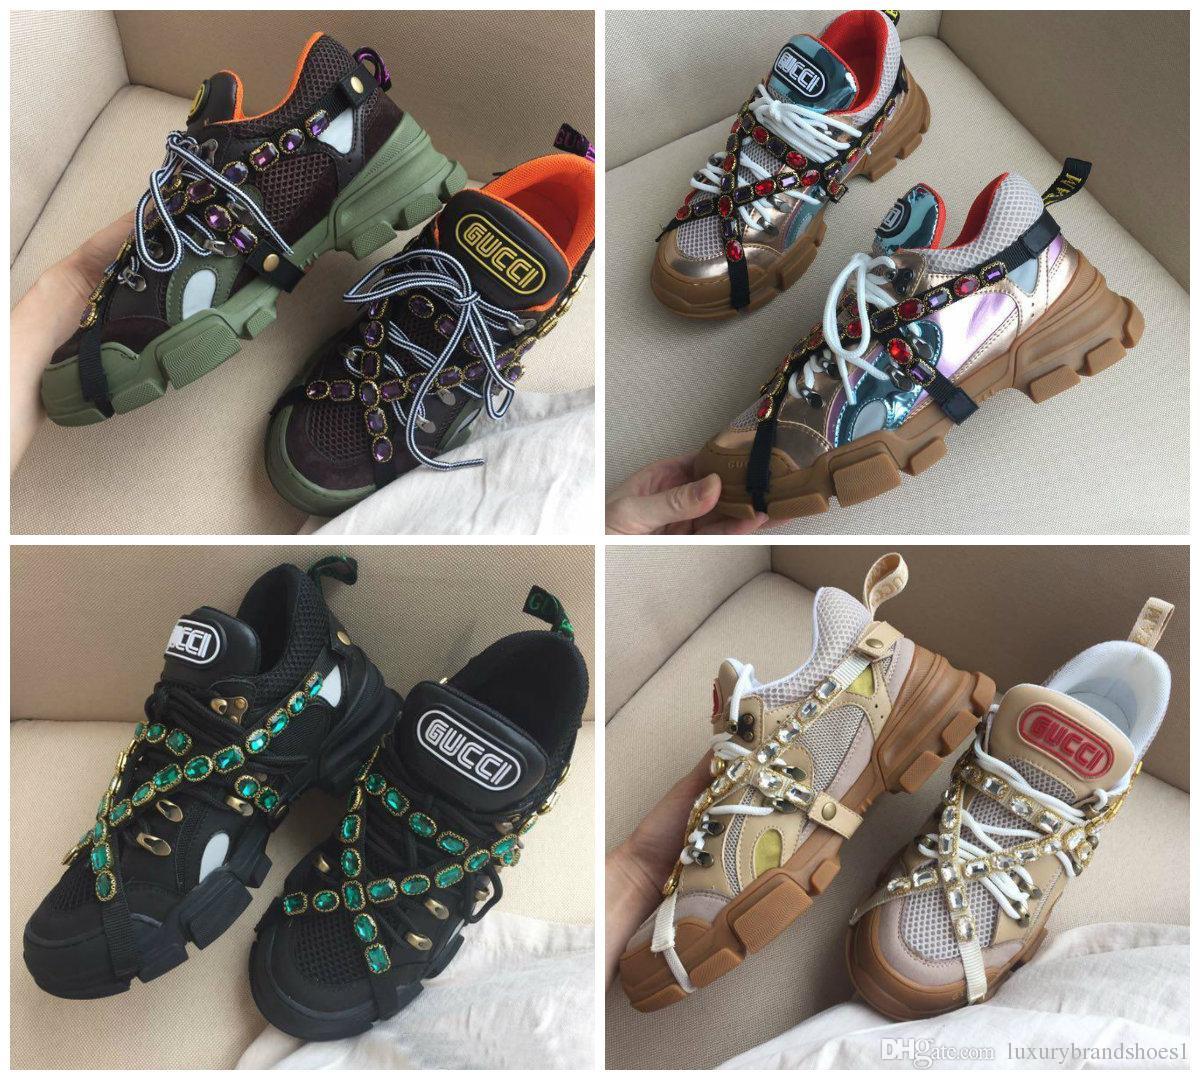 5e0da0e05bab2 Compre Zapatilla De Deporte Flashtrek 2018 Con Cristales Extraíbles Diseño  Extragrande Zapatillas Deportivas Para Caminatas Al Aire Libre Zapatos De  Hombre ...